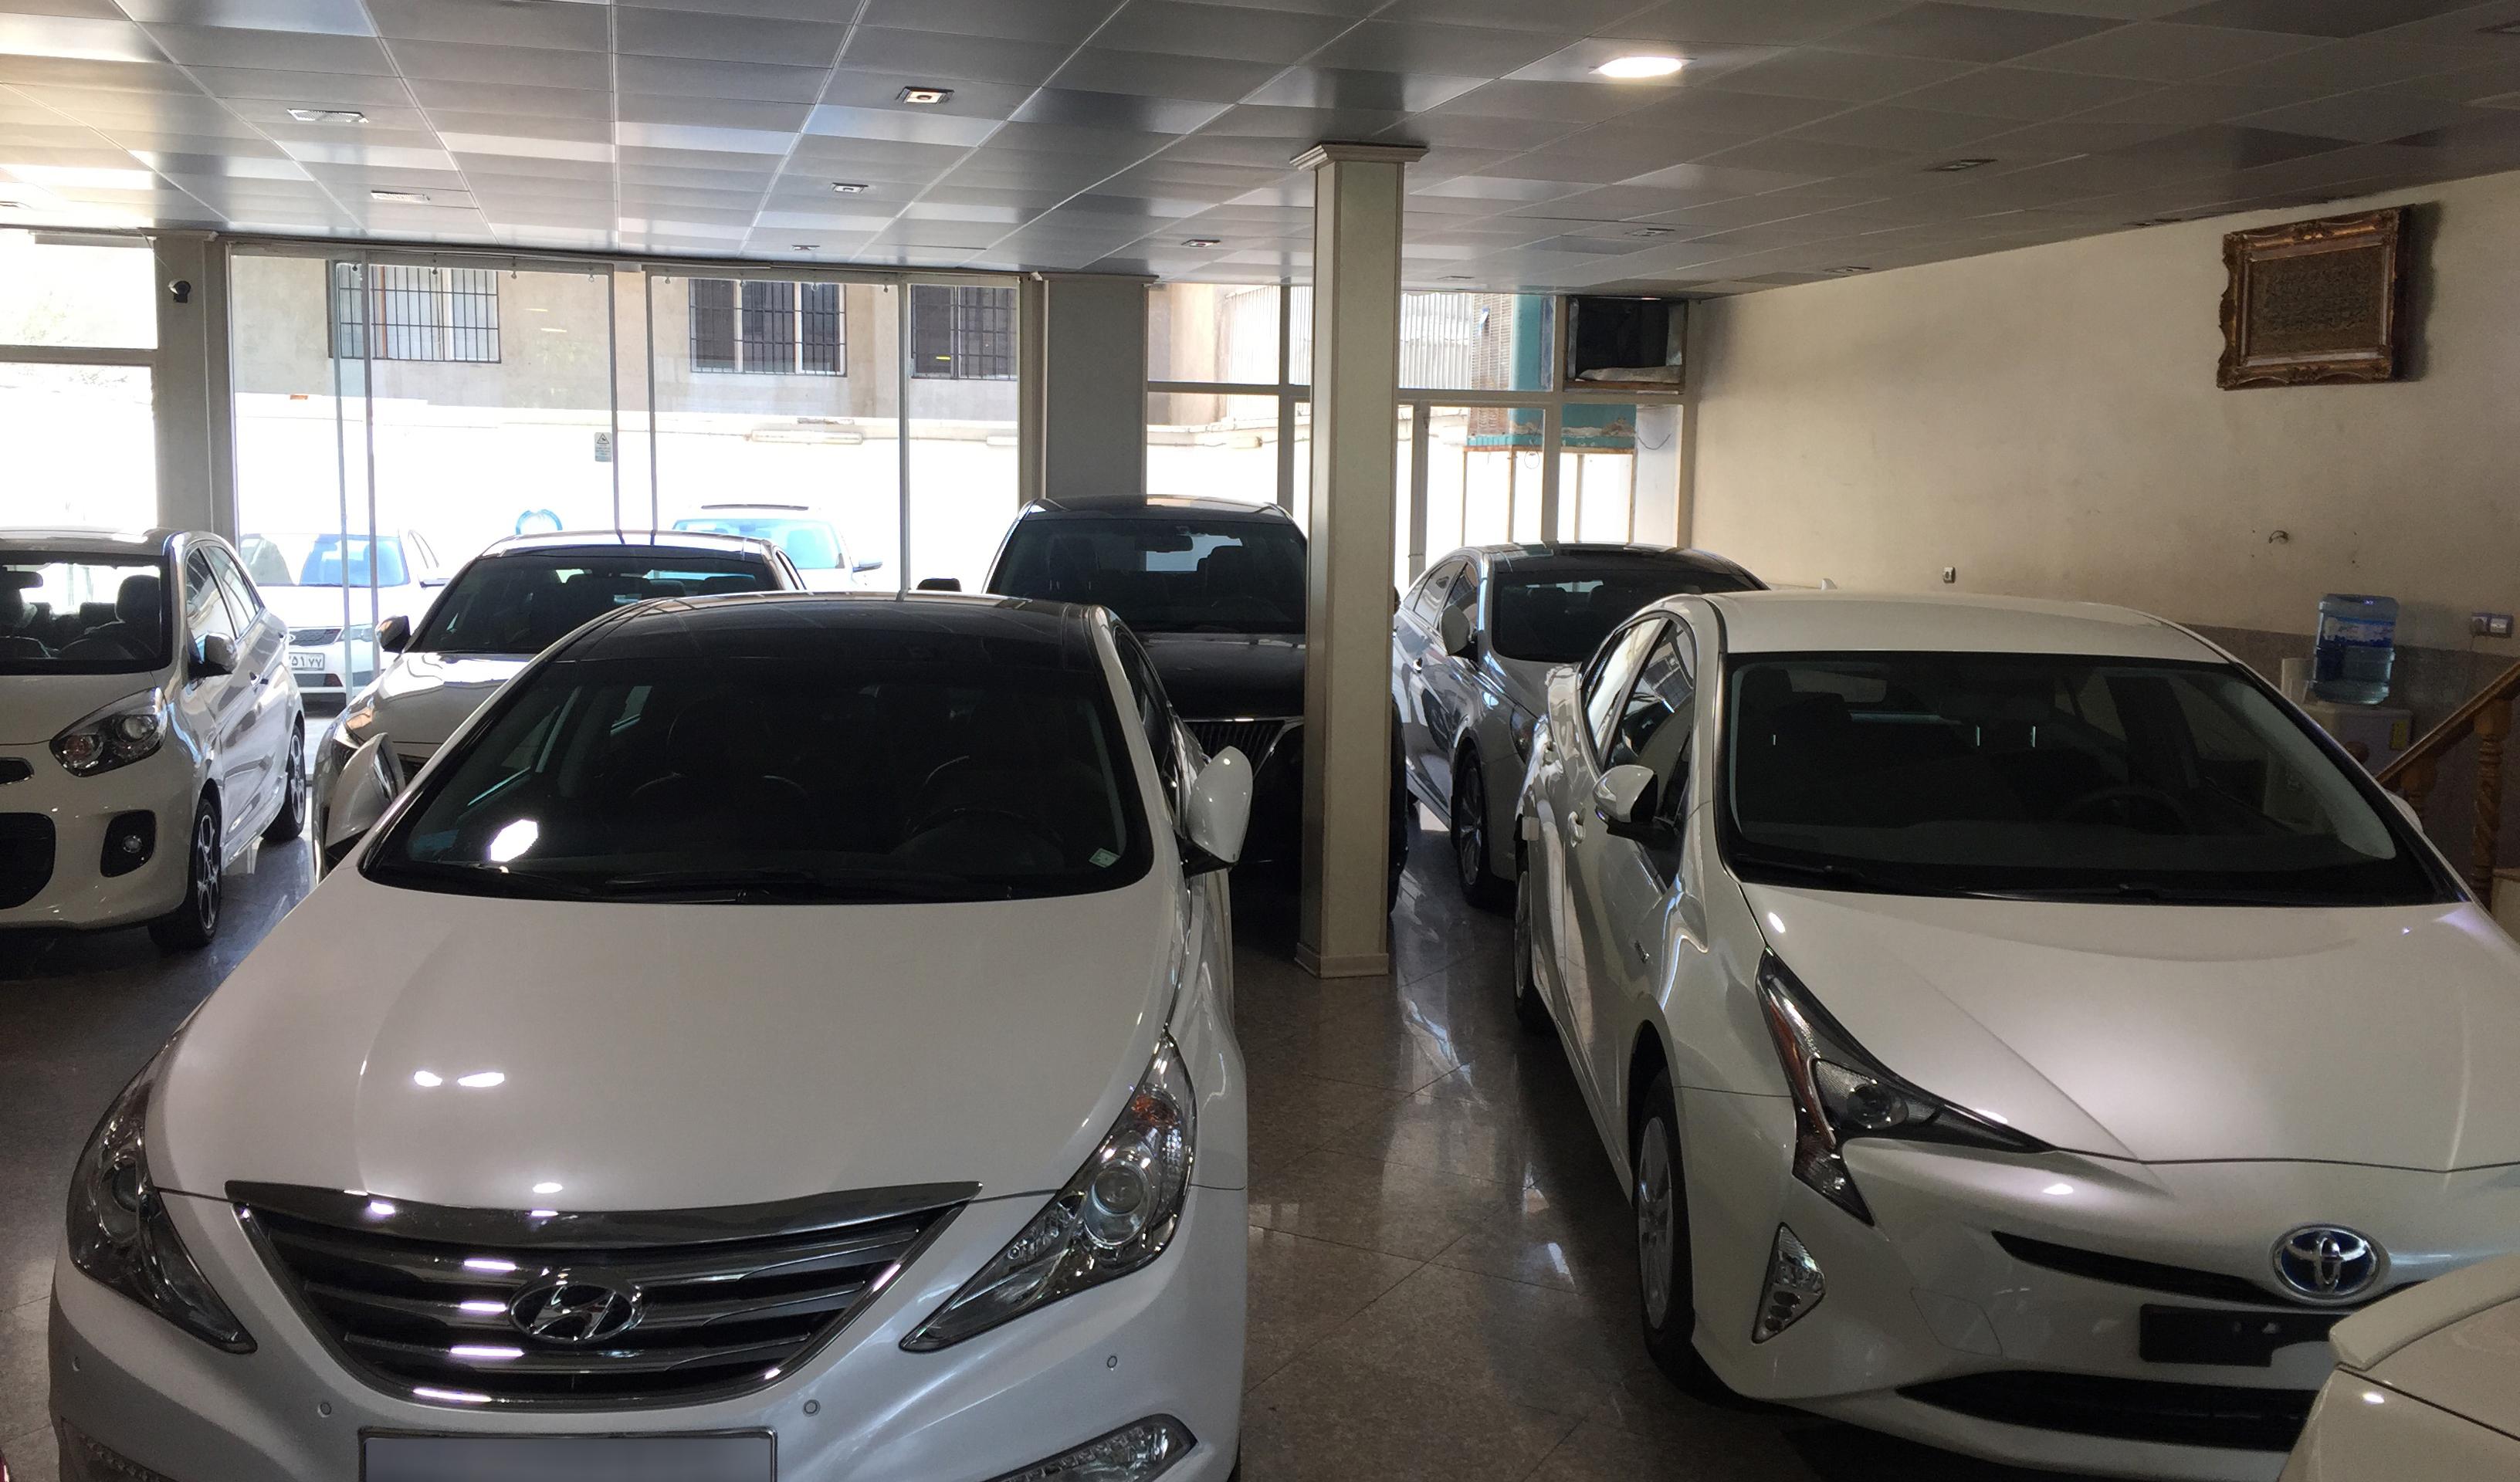 ریزش ۳۰درصدی قیمت خودروهای خارجی در ۳ روز/ جوسازی دلالان در بازار خودرو